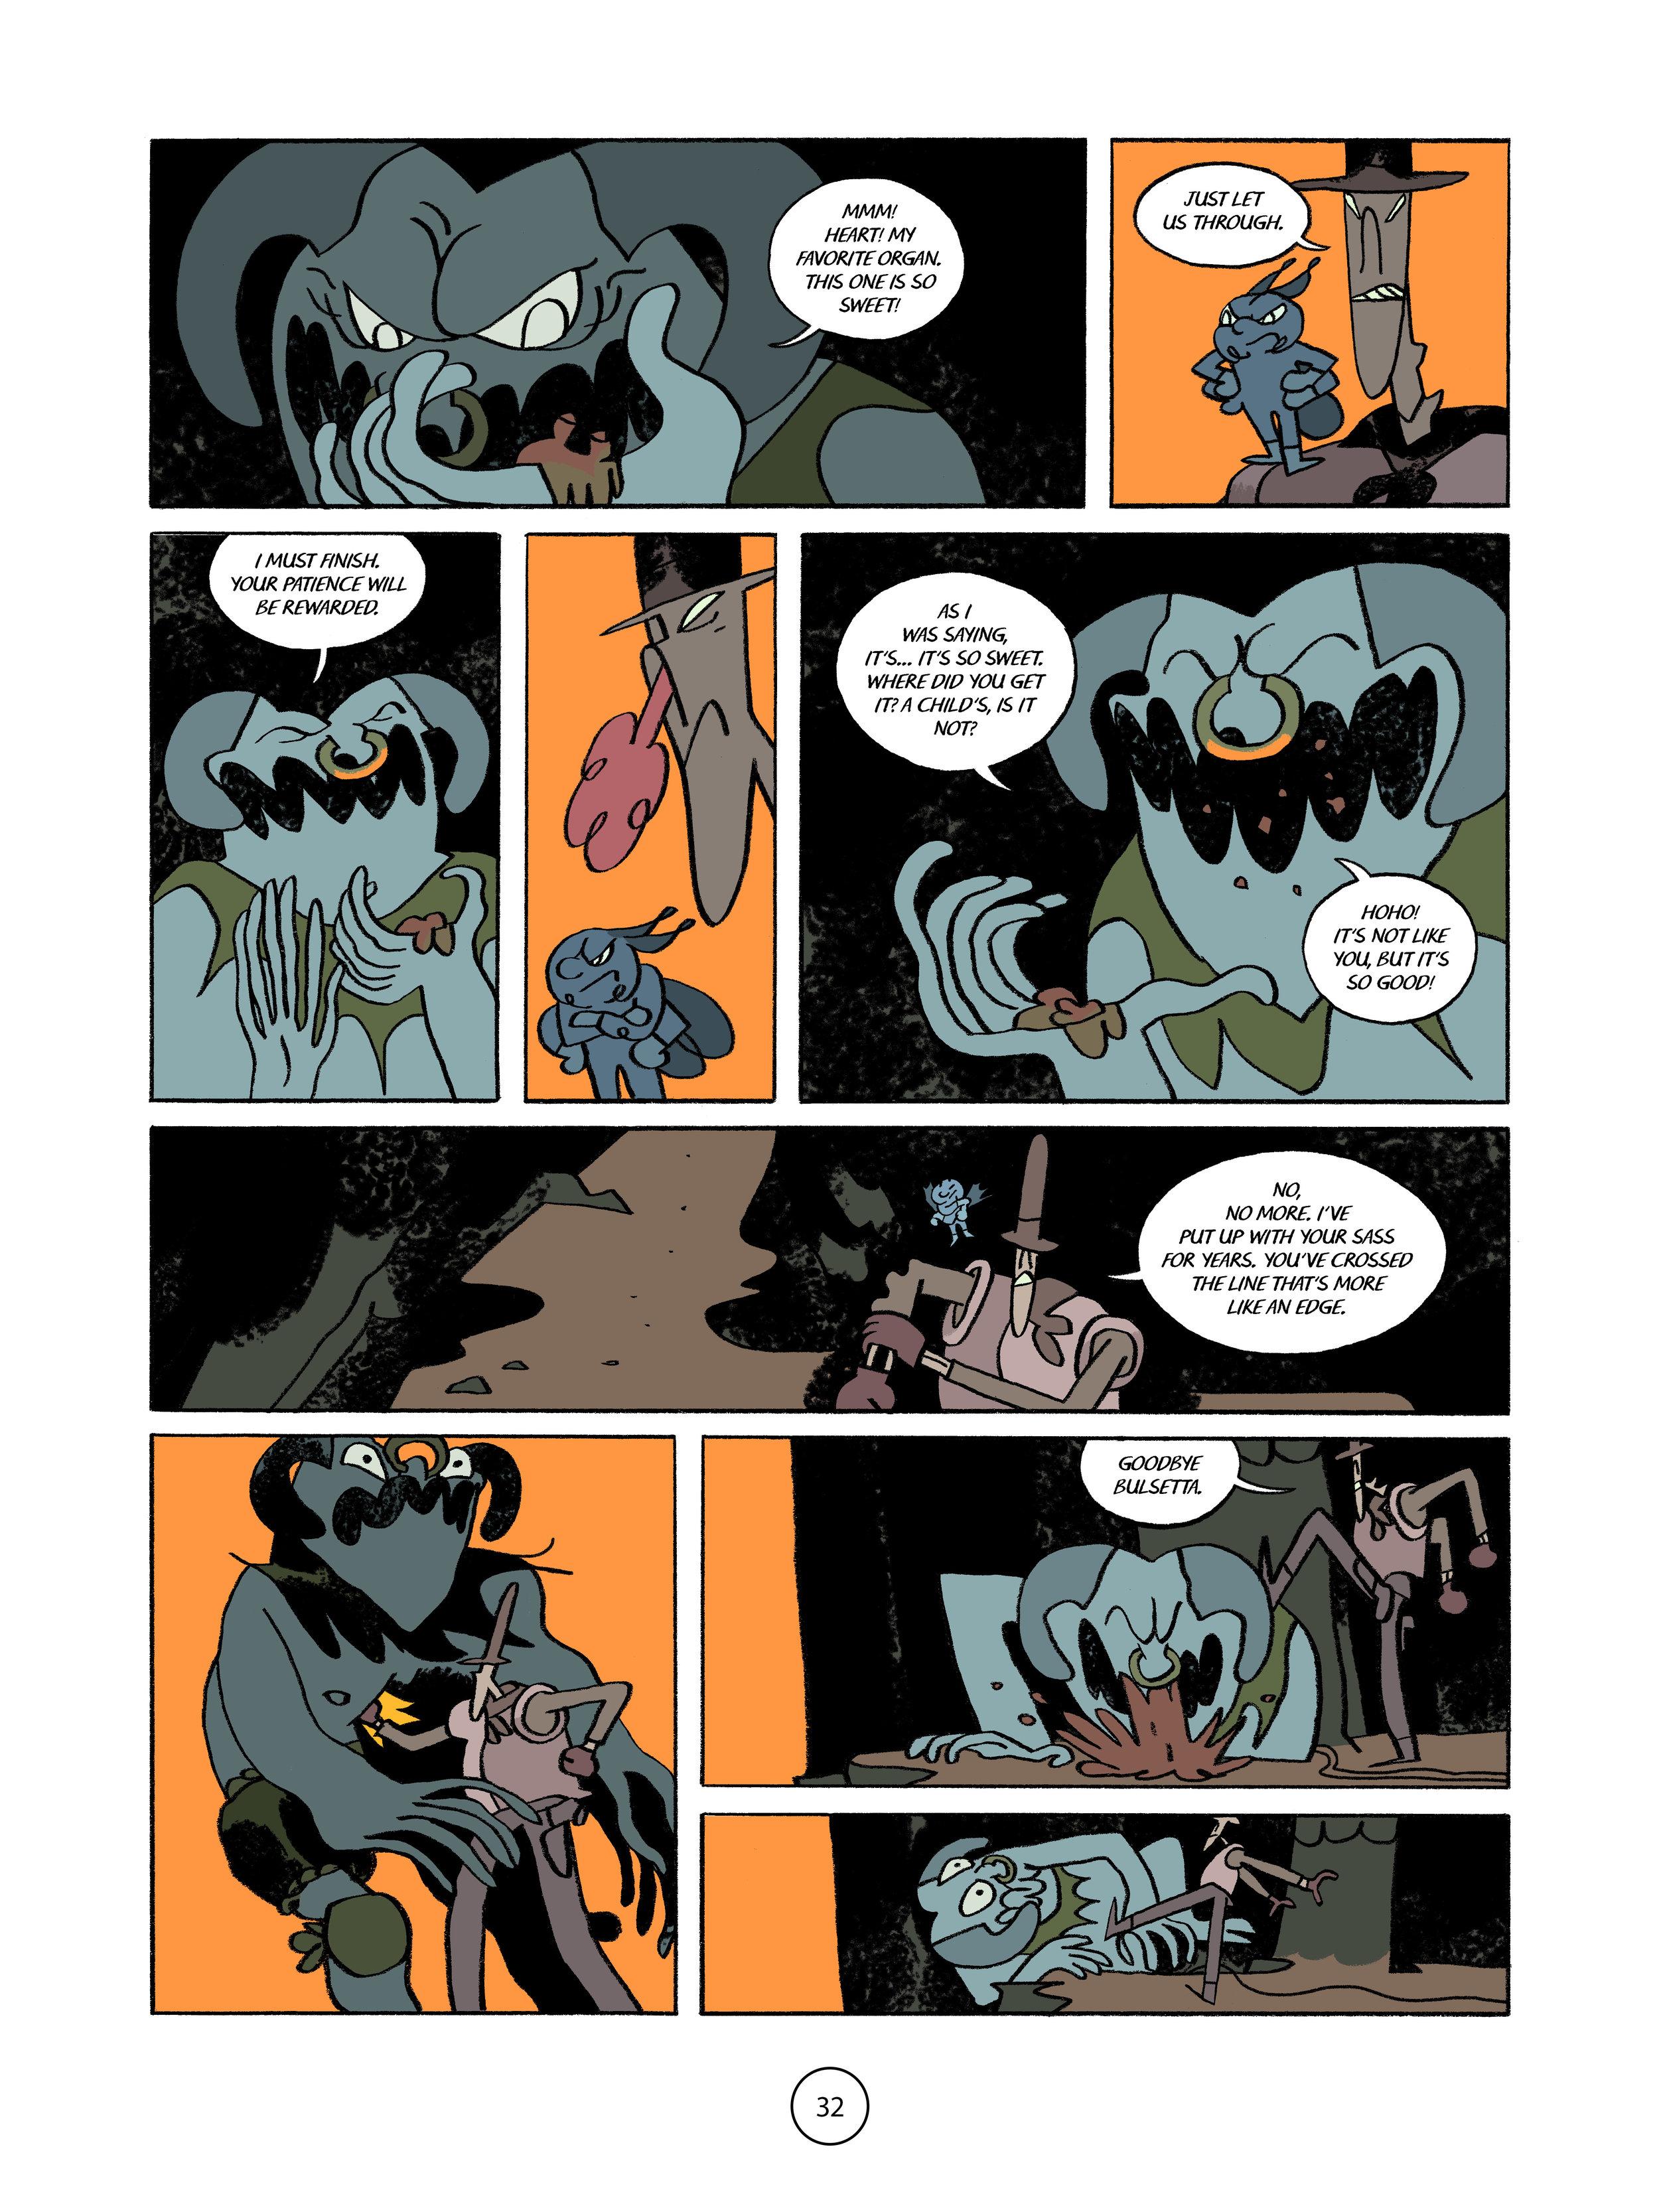 JeoDeathissue2_page 32.jpg